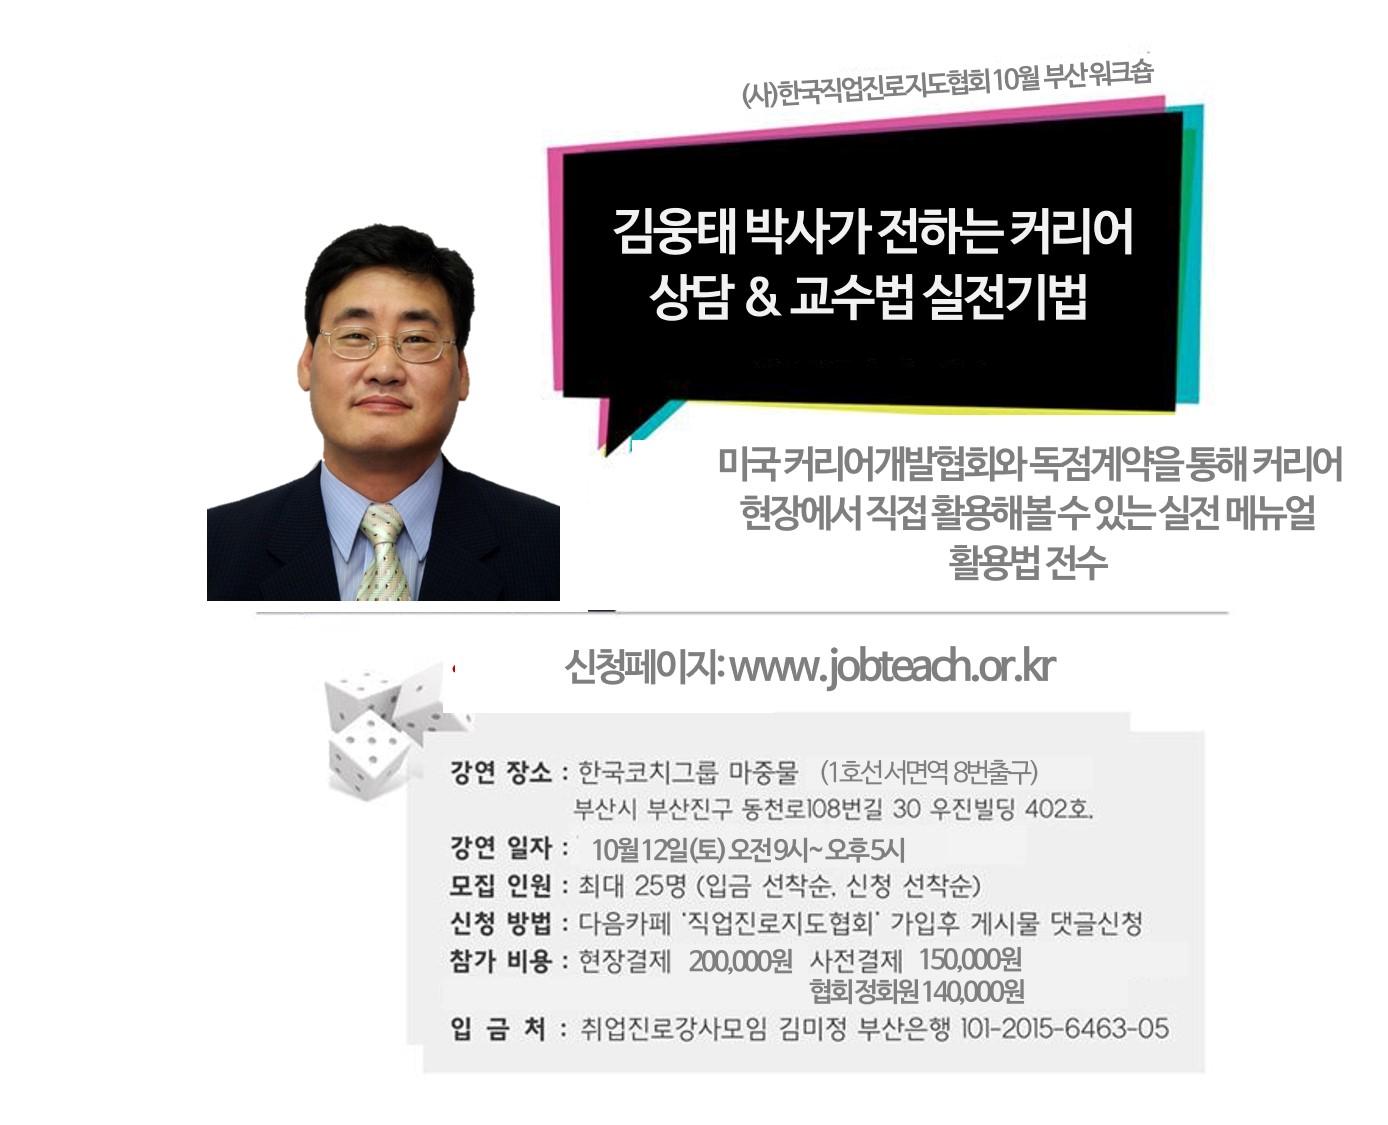 교사와 상담사의 역량 개발을 위한 김웅태 박사가 전하는 커리어 상담 & 교수법 실전기법